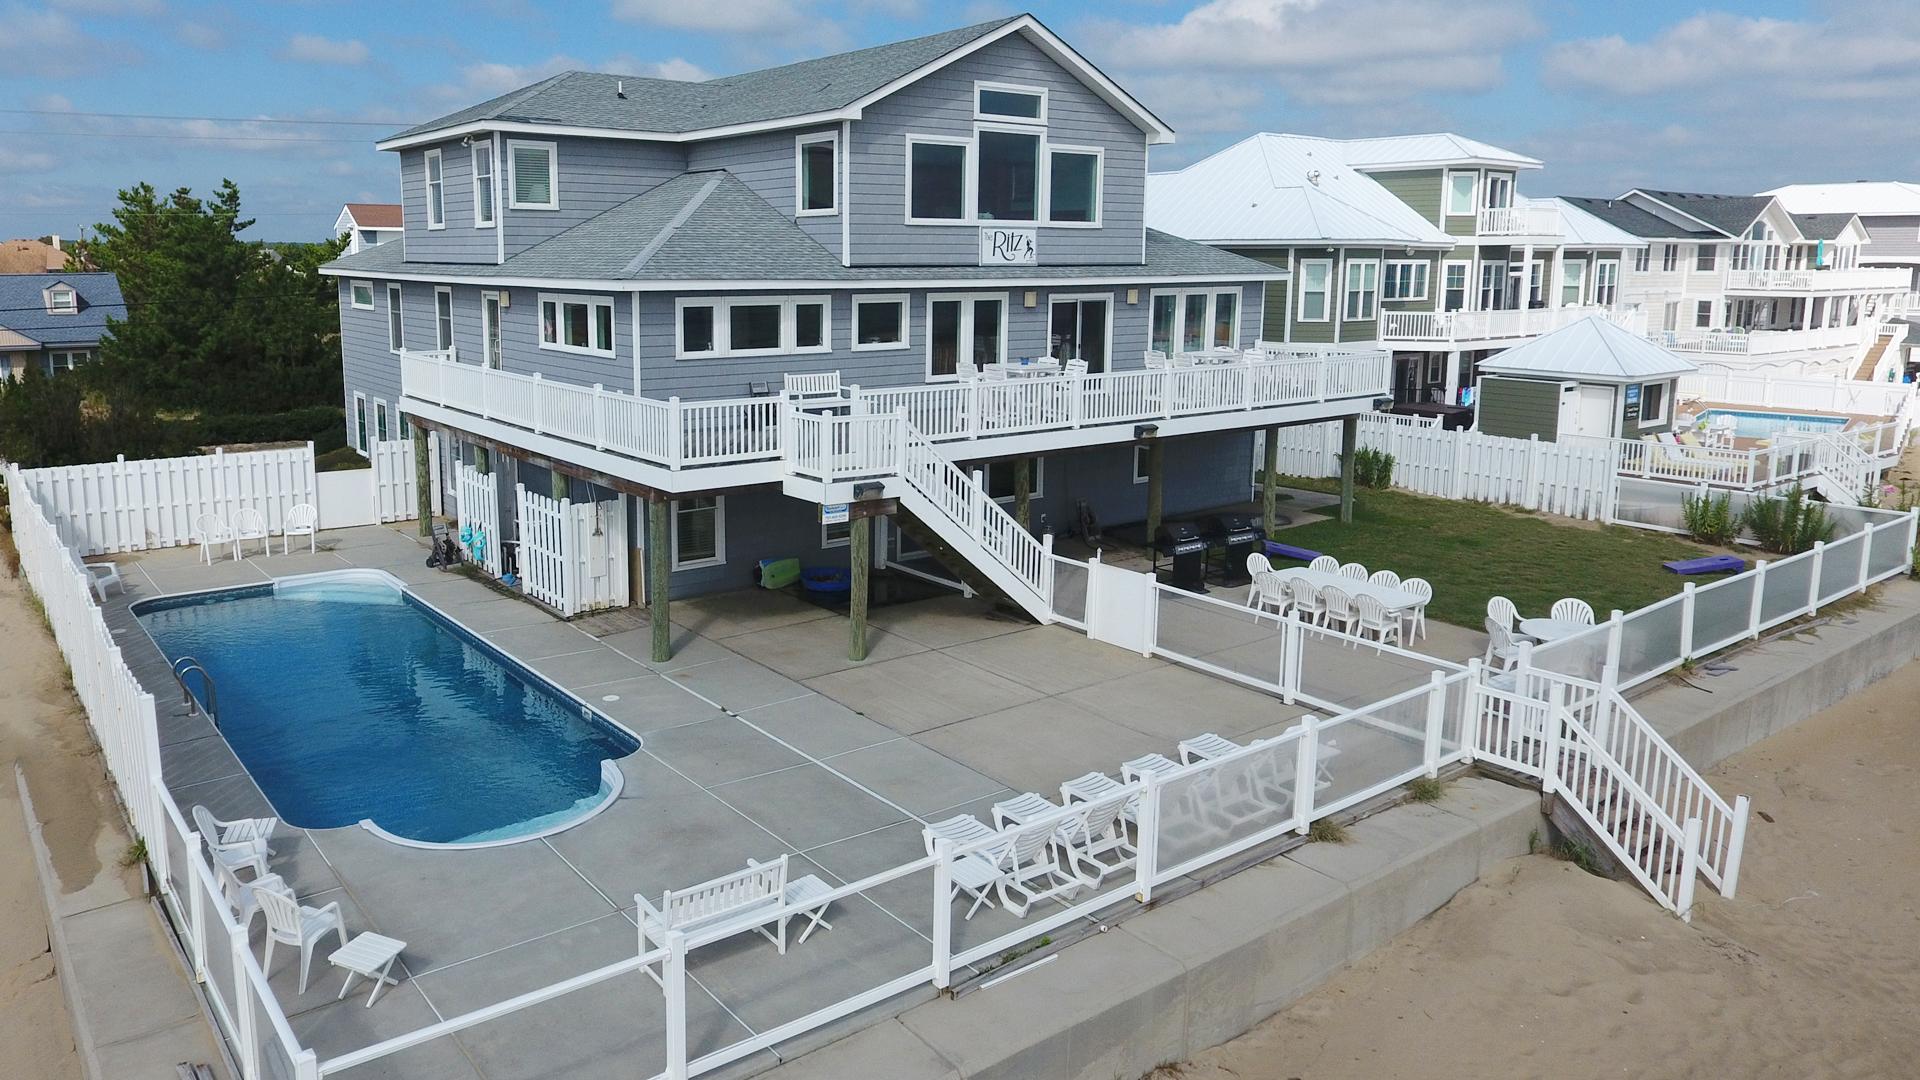 The Ritz  10 Bedroom Sandbridge Beach Rental  Sandbridge